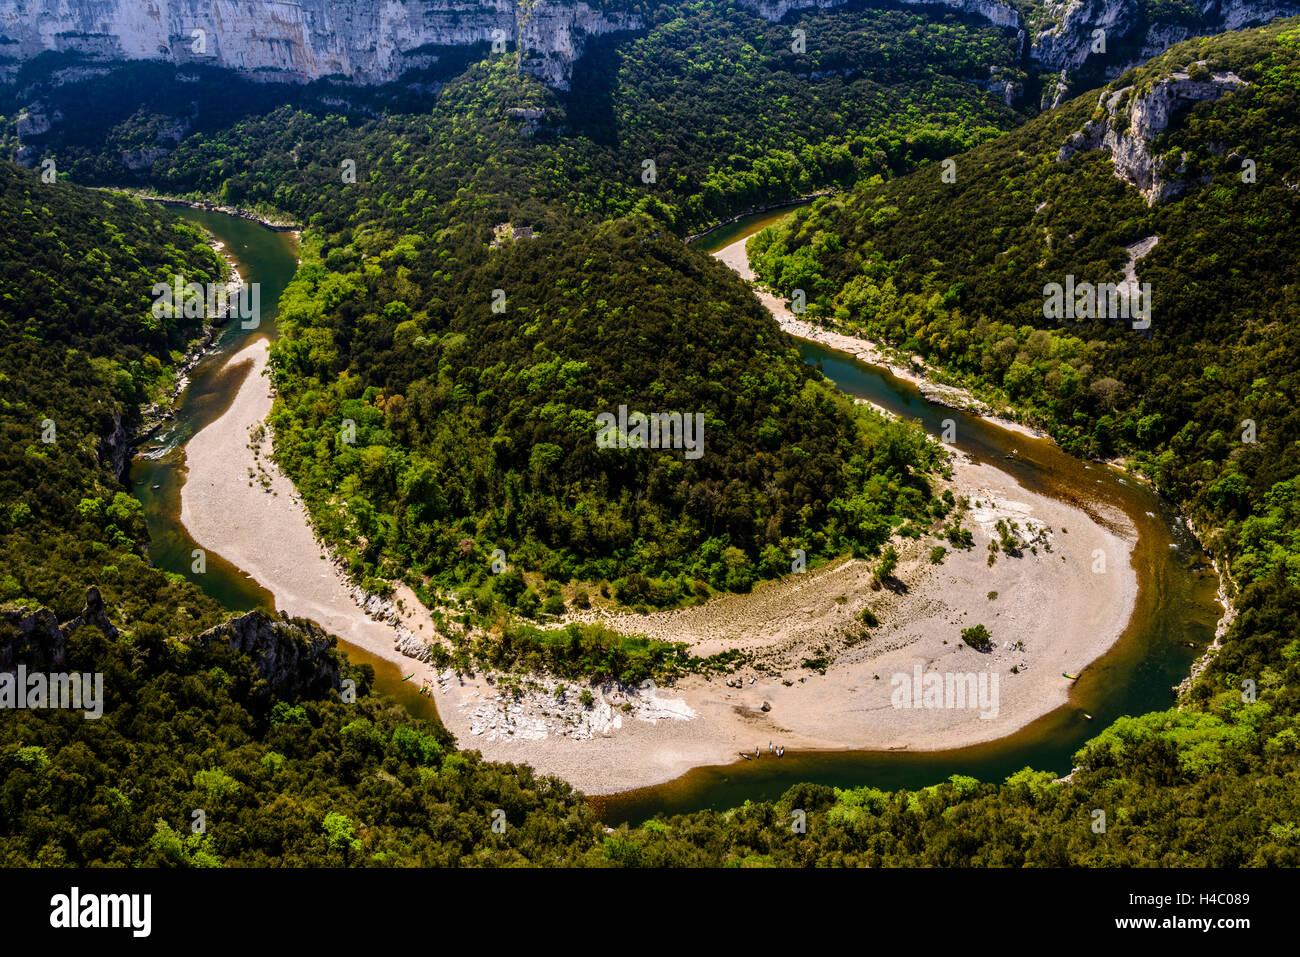 France, Rhône-Alpes, ArdÞche, Saint-Martin-d'ArdÞche, Gorges de l'ArdÞche, Cirque de - Stock Image